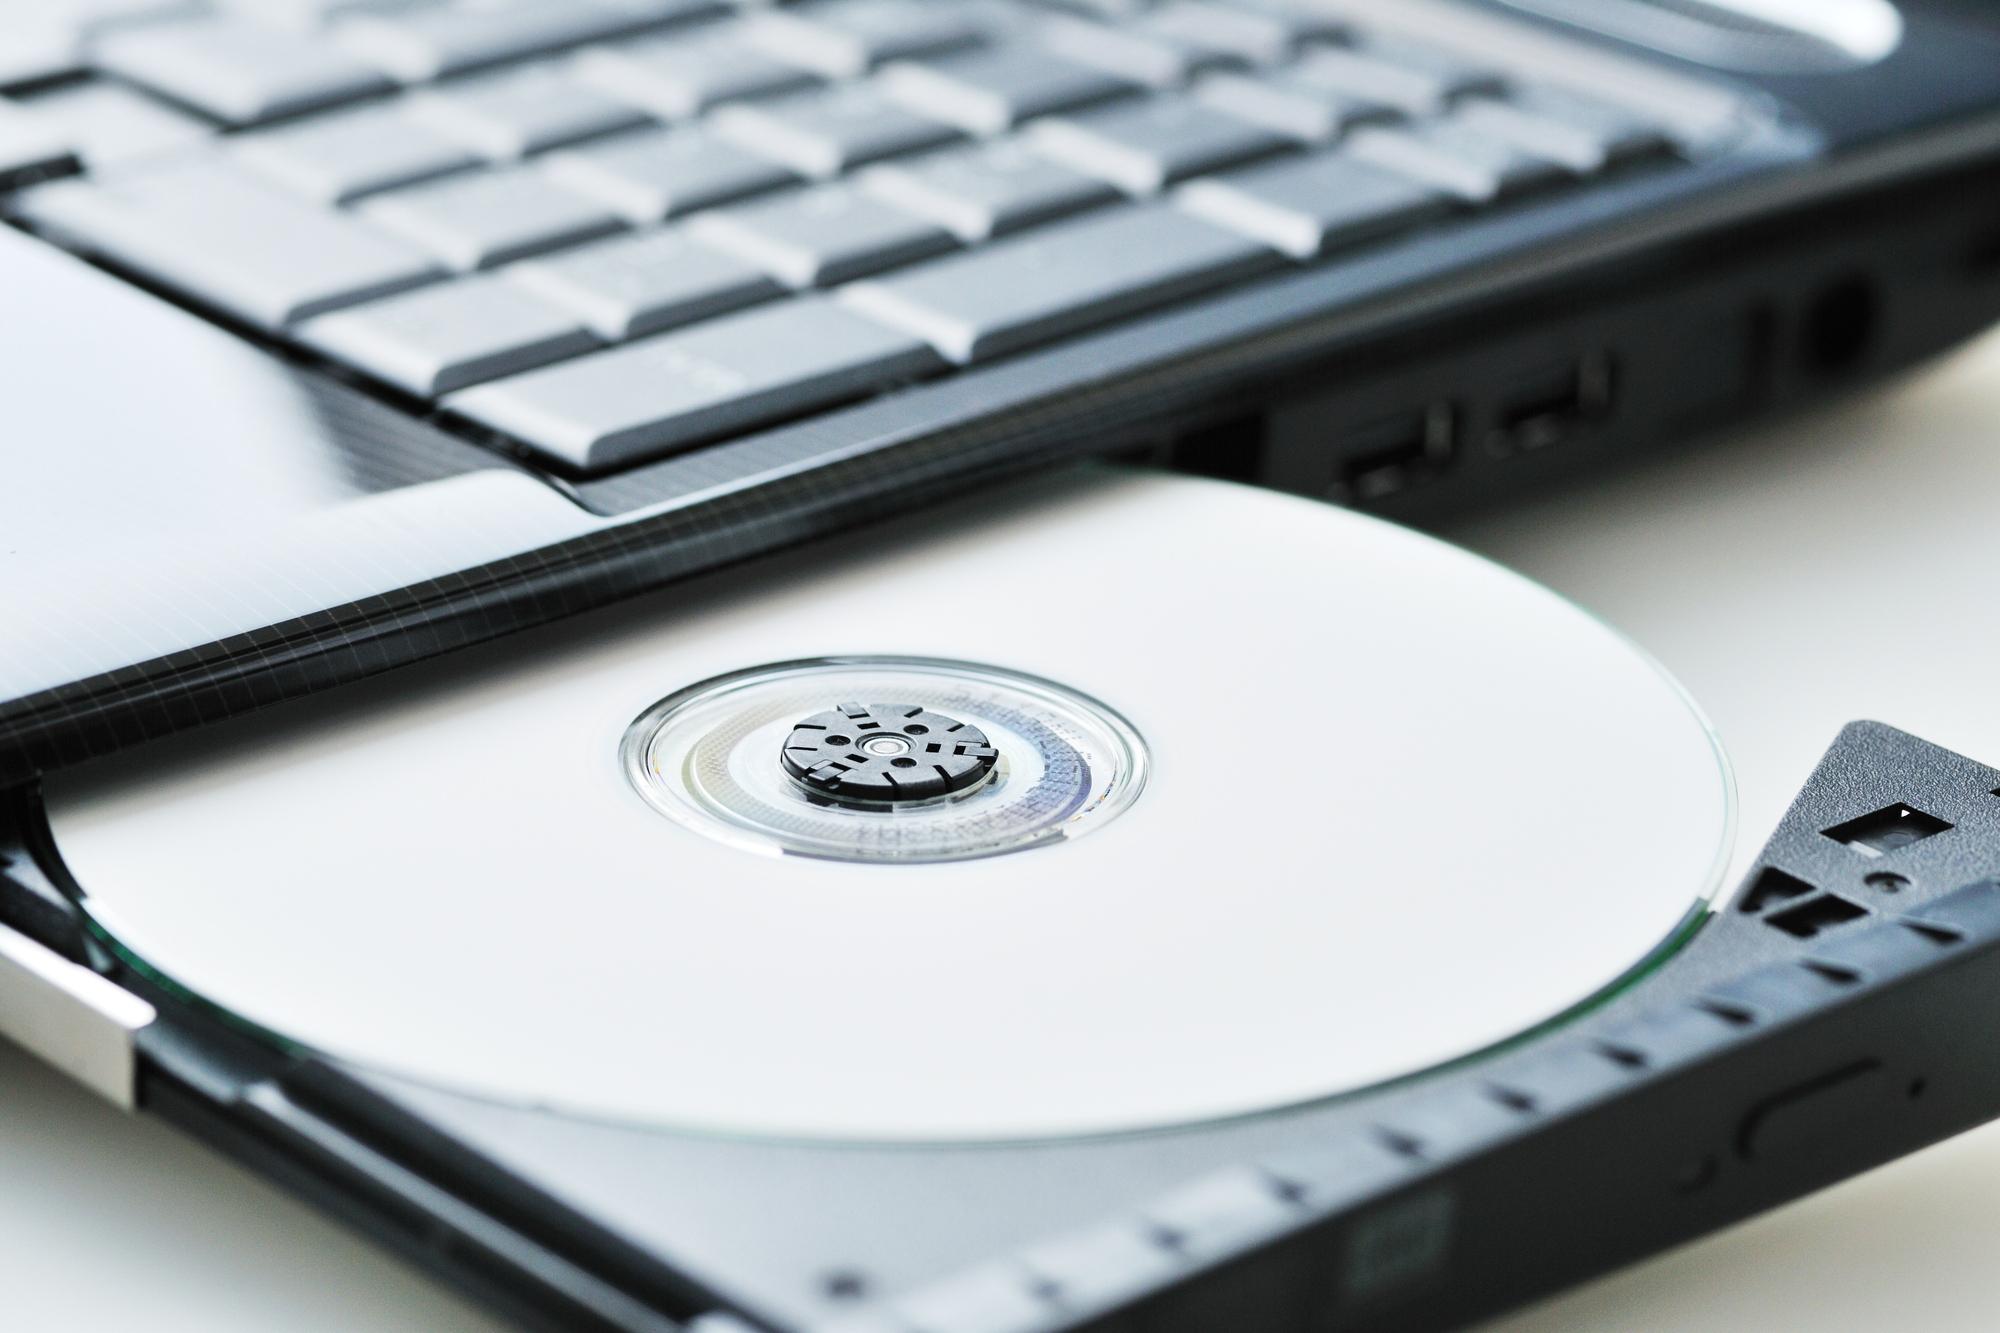 NO51・DVDドライブが開かない原因や修理方法を分かりやすく解説